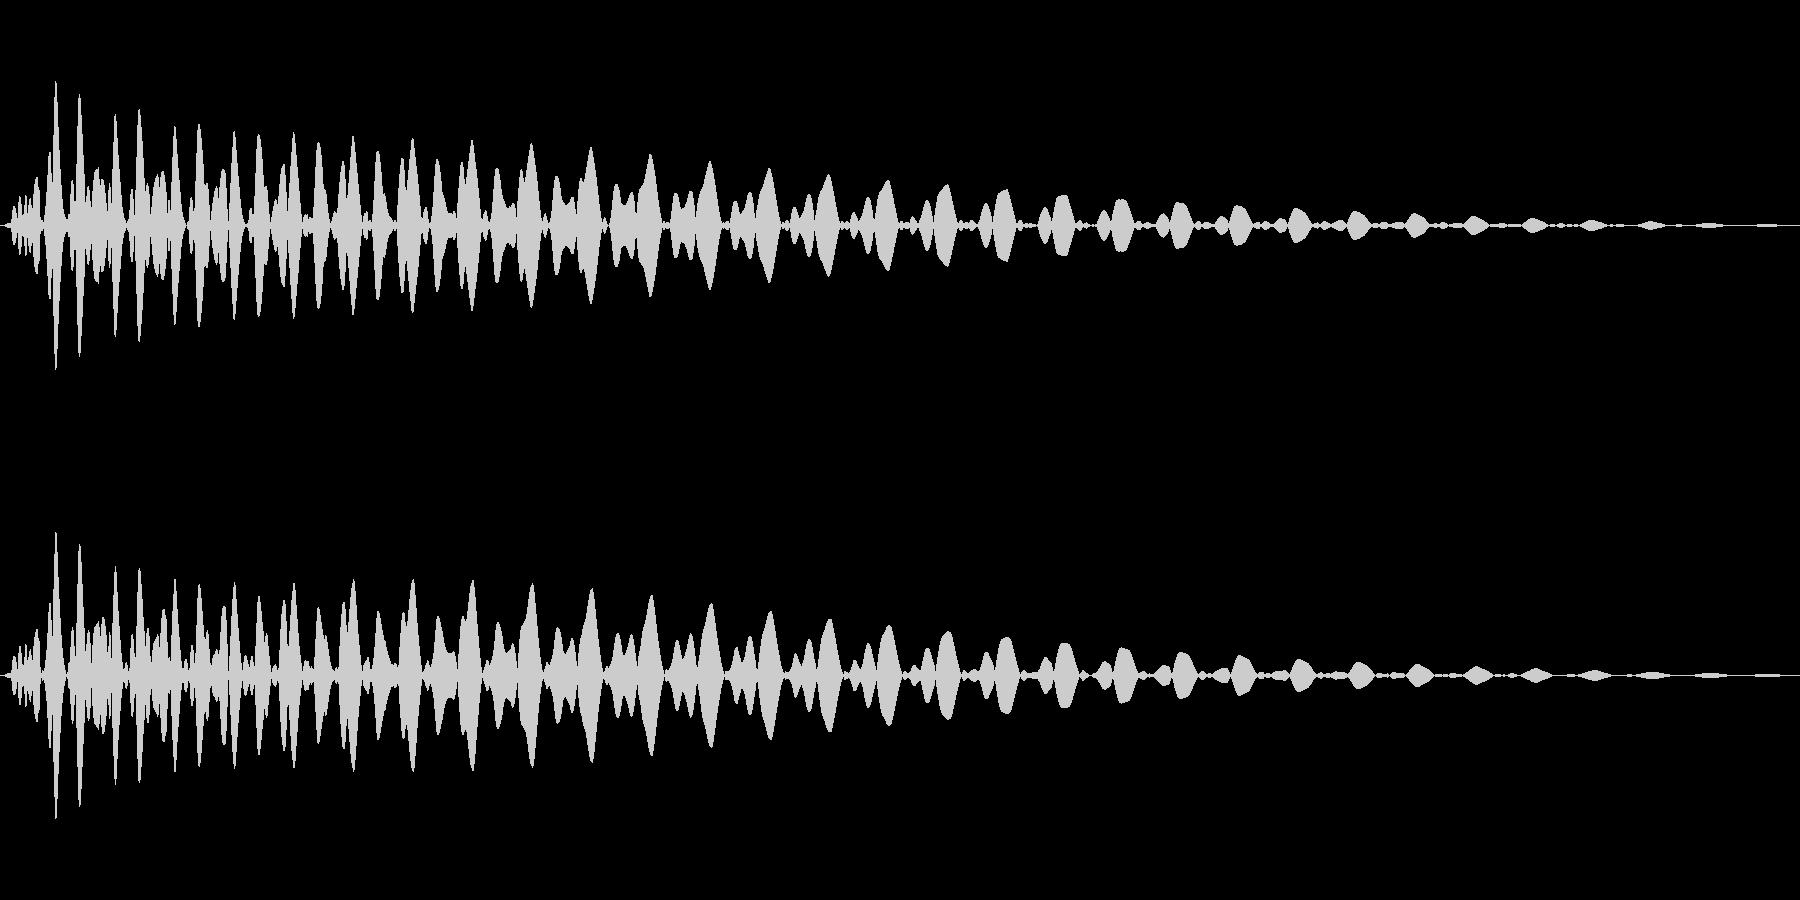 PureTouch アプリ用タッチ音72の未再生の波形